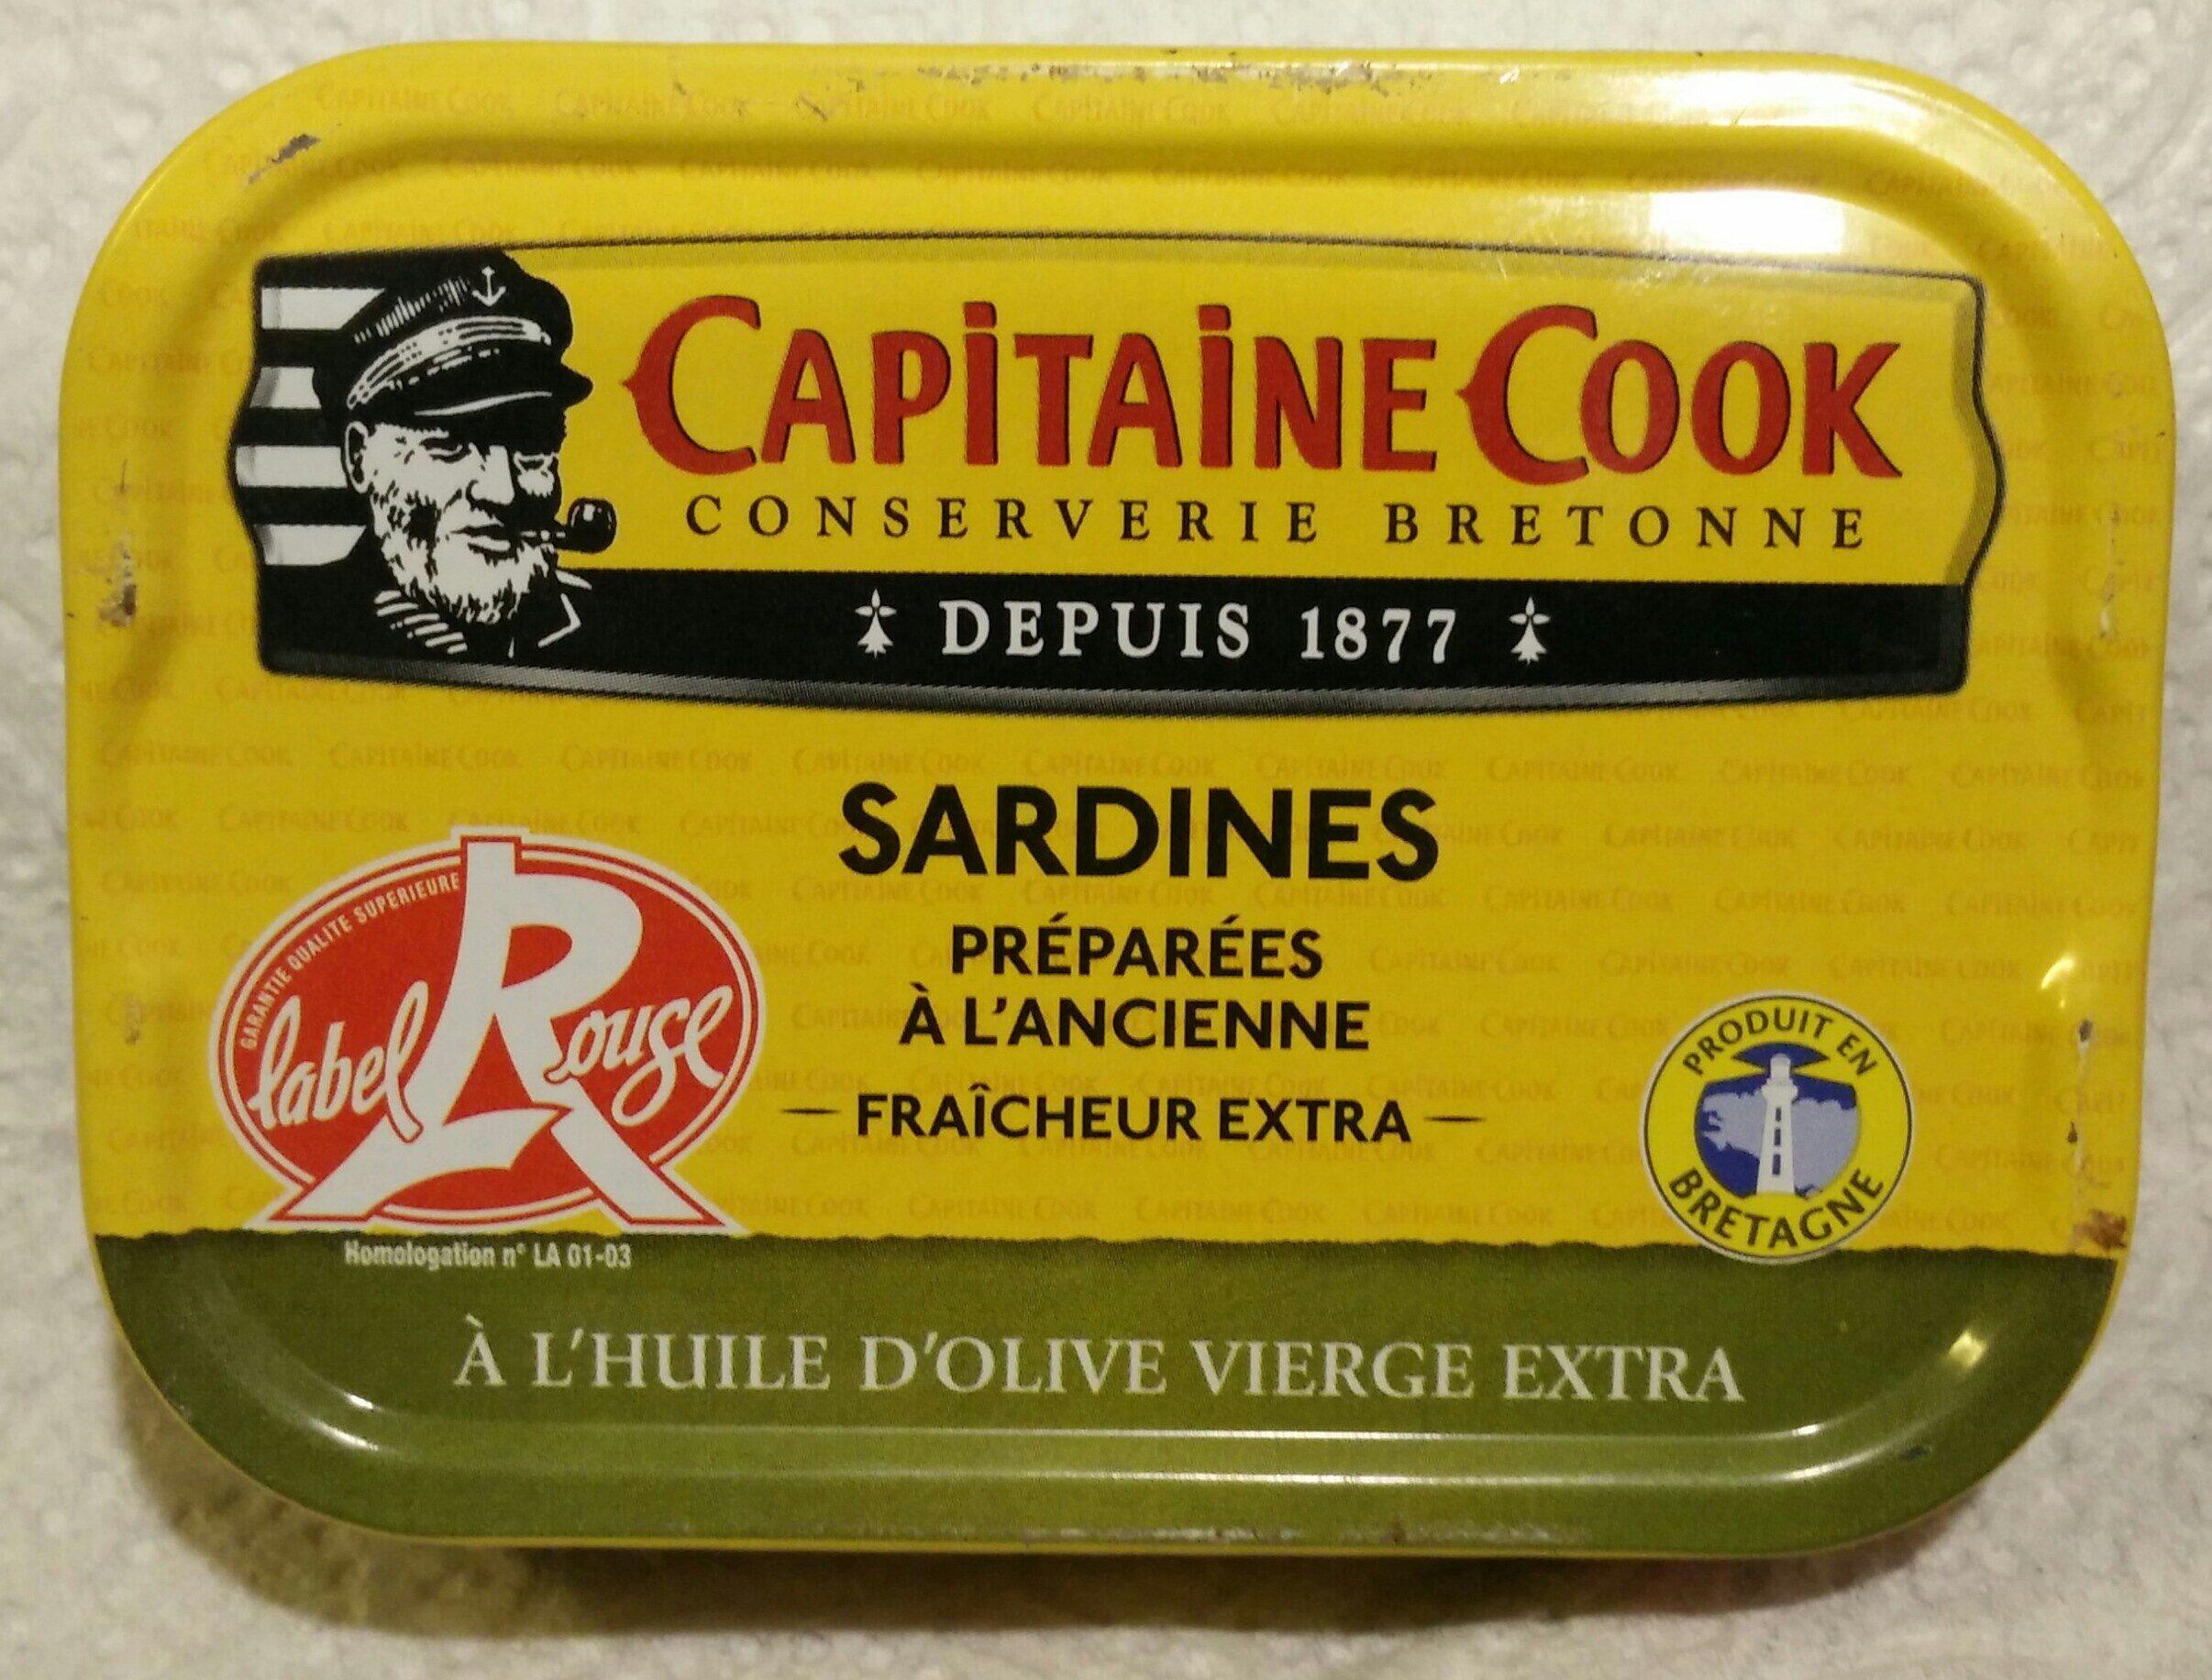 Sardines préparées à l'ancienne fraîcheur extra à l'huile d'olive vierge extra - 产品 - fr